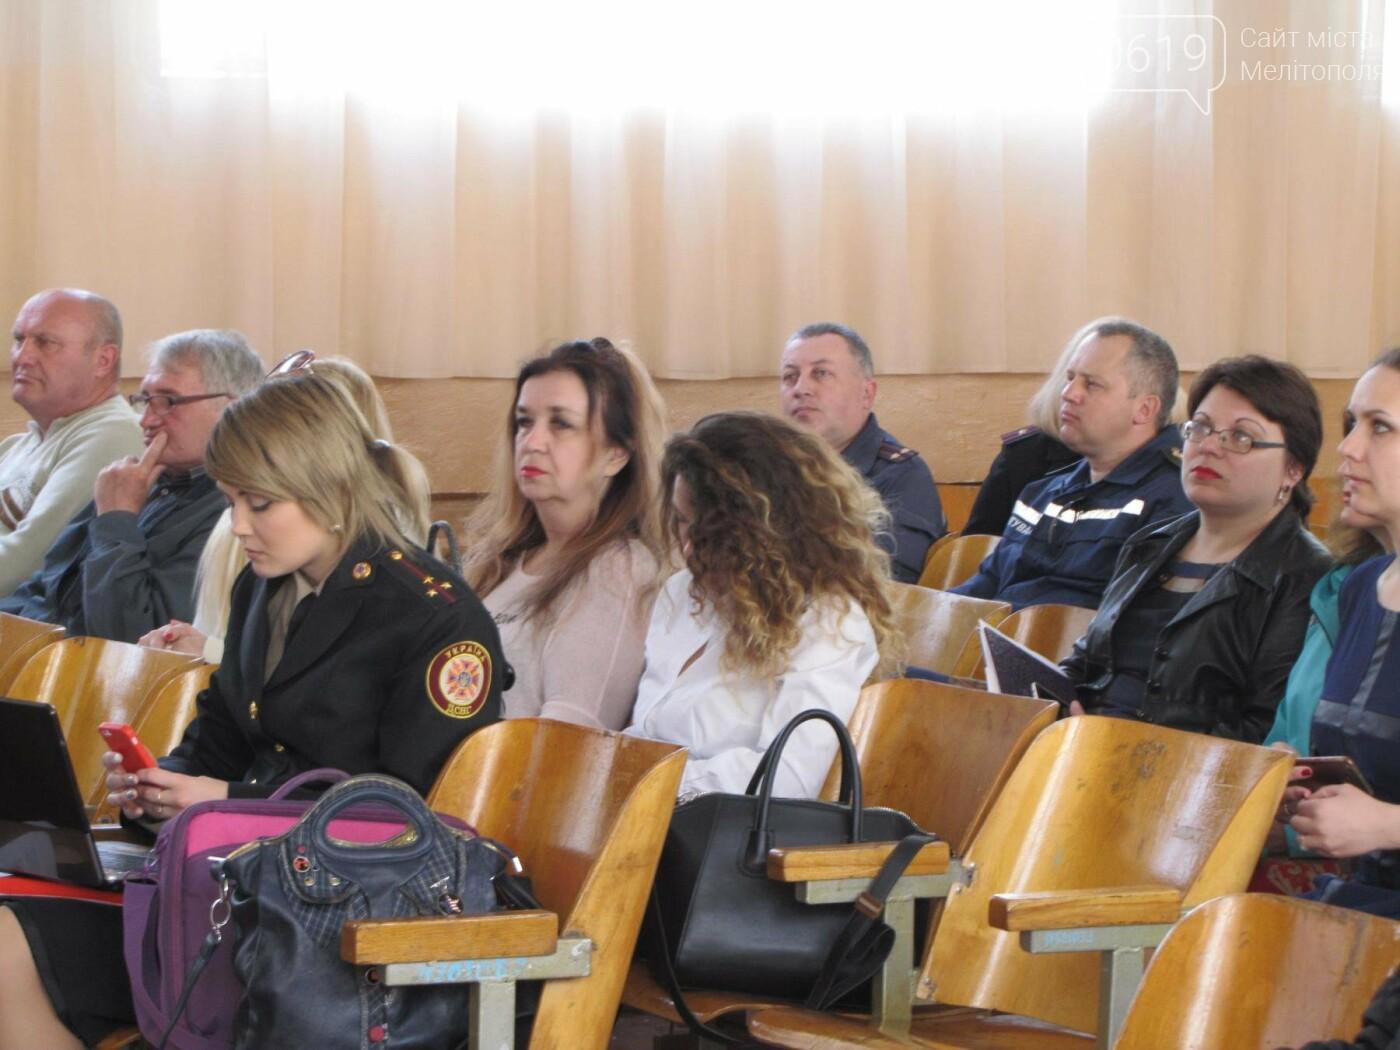 Мелитопольским учителям и воспитателям напомнили о правилах пожарной безопасности , фото-2, Фото сайта 0619